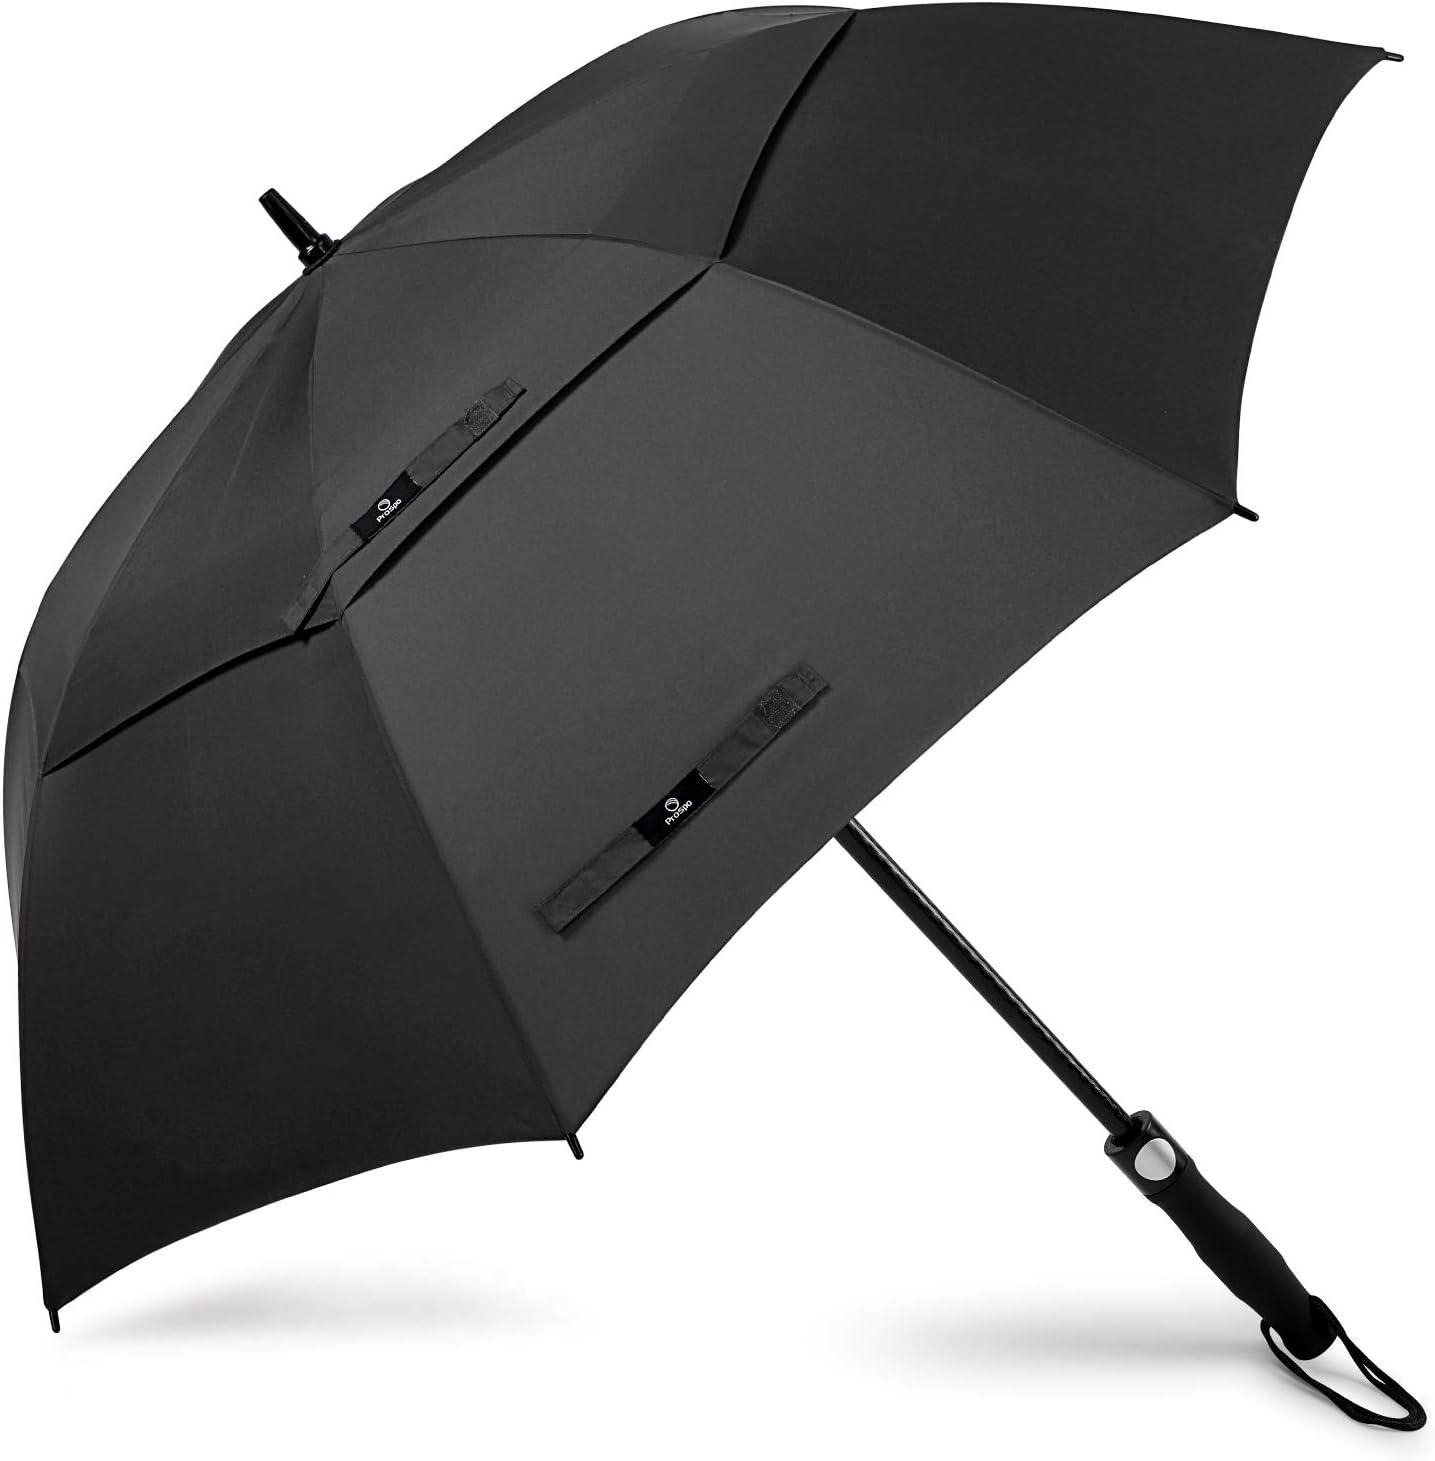 Prospo Paraguas de golf de 58/62/68 pulgadas, grande, resistente, automático, resistente al viento, doble toldo de gran tamaño, con ventilación, lluvia y nieve